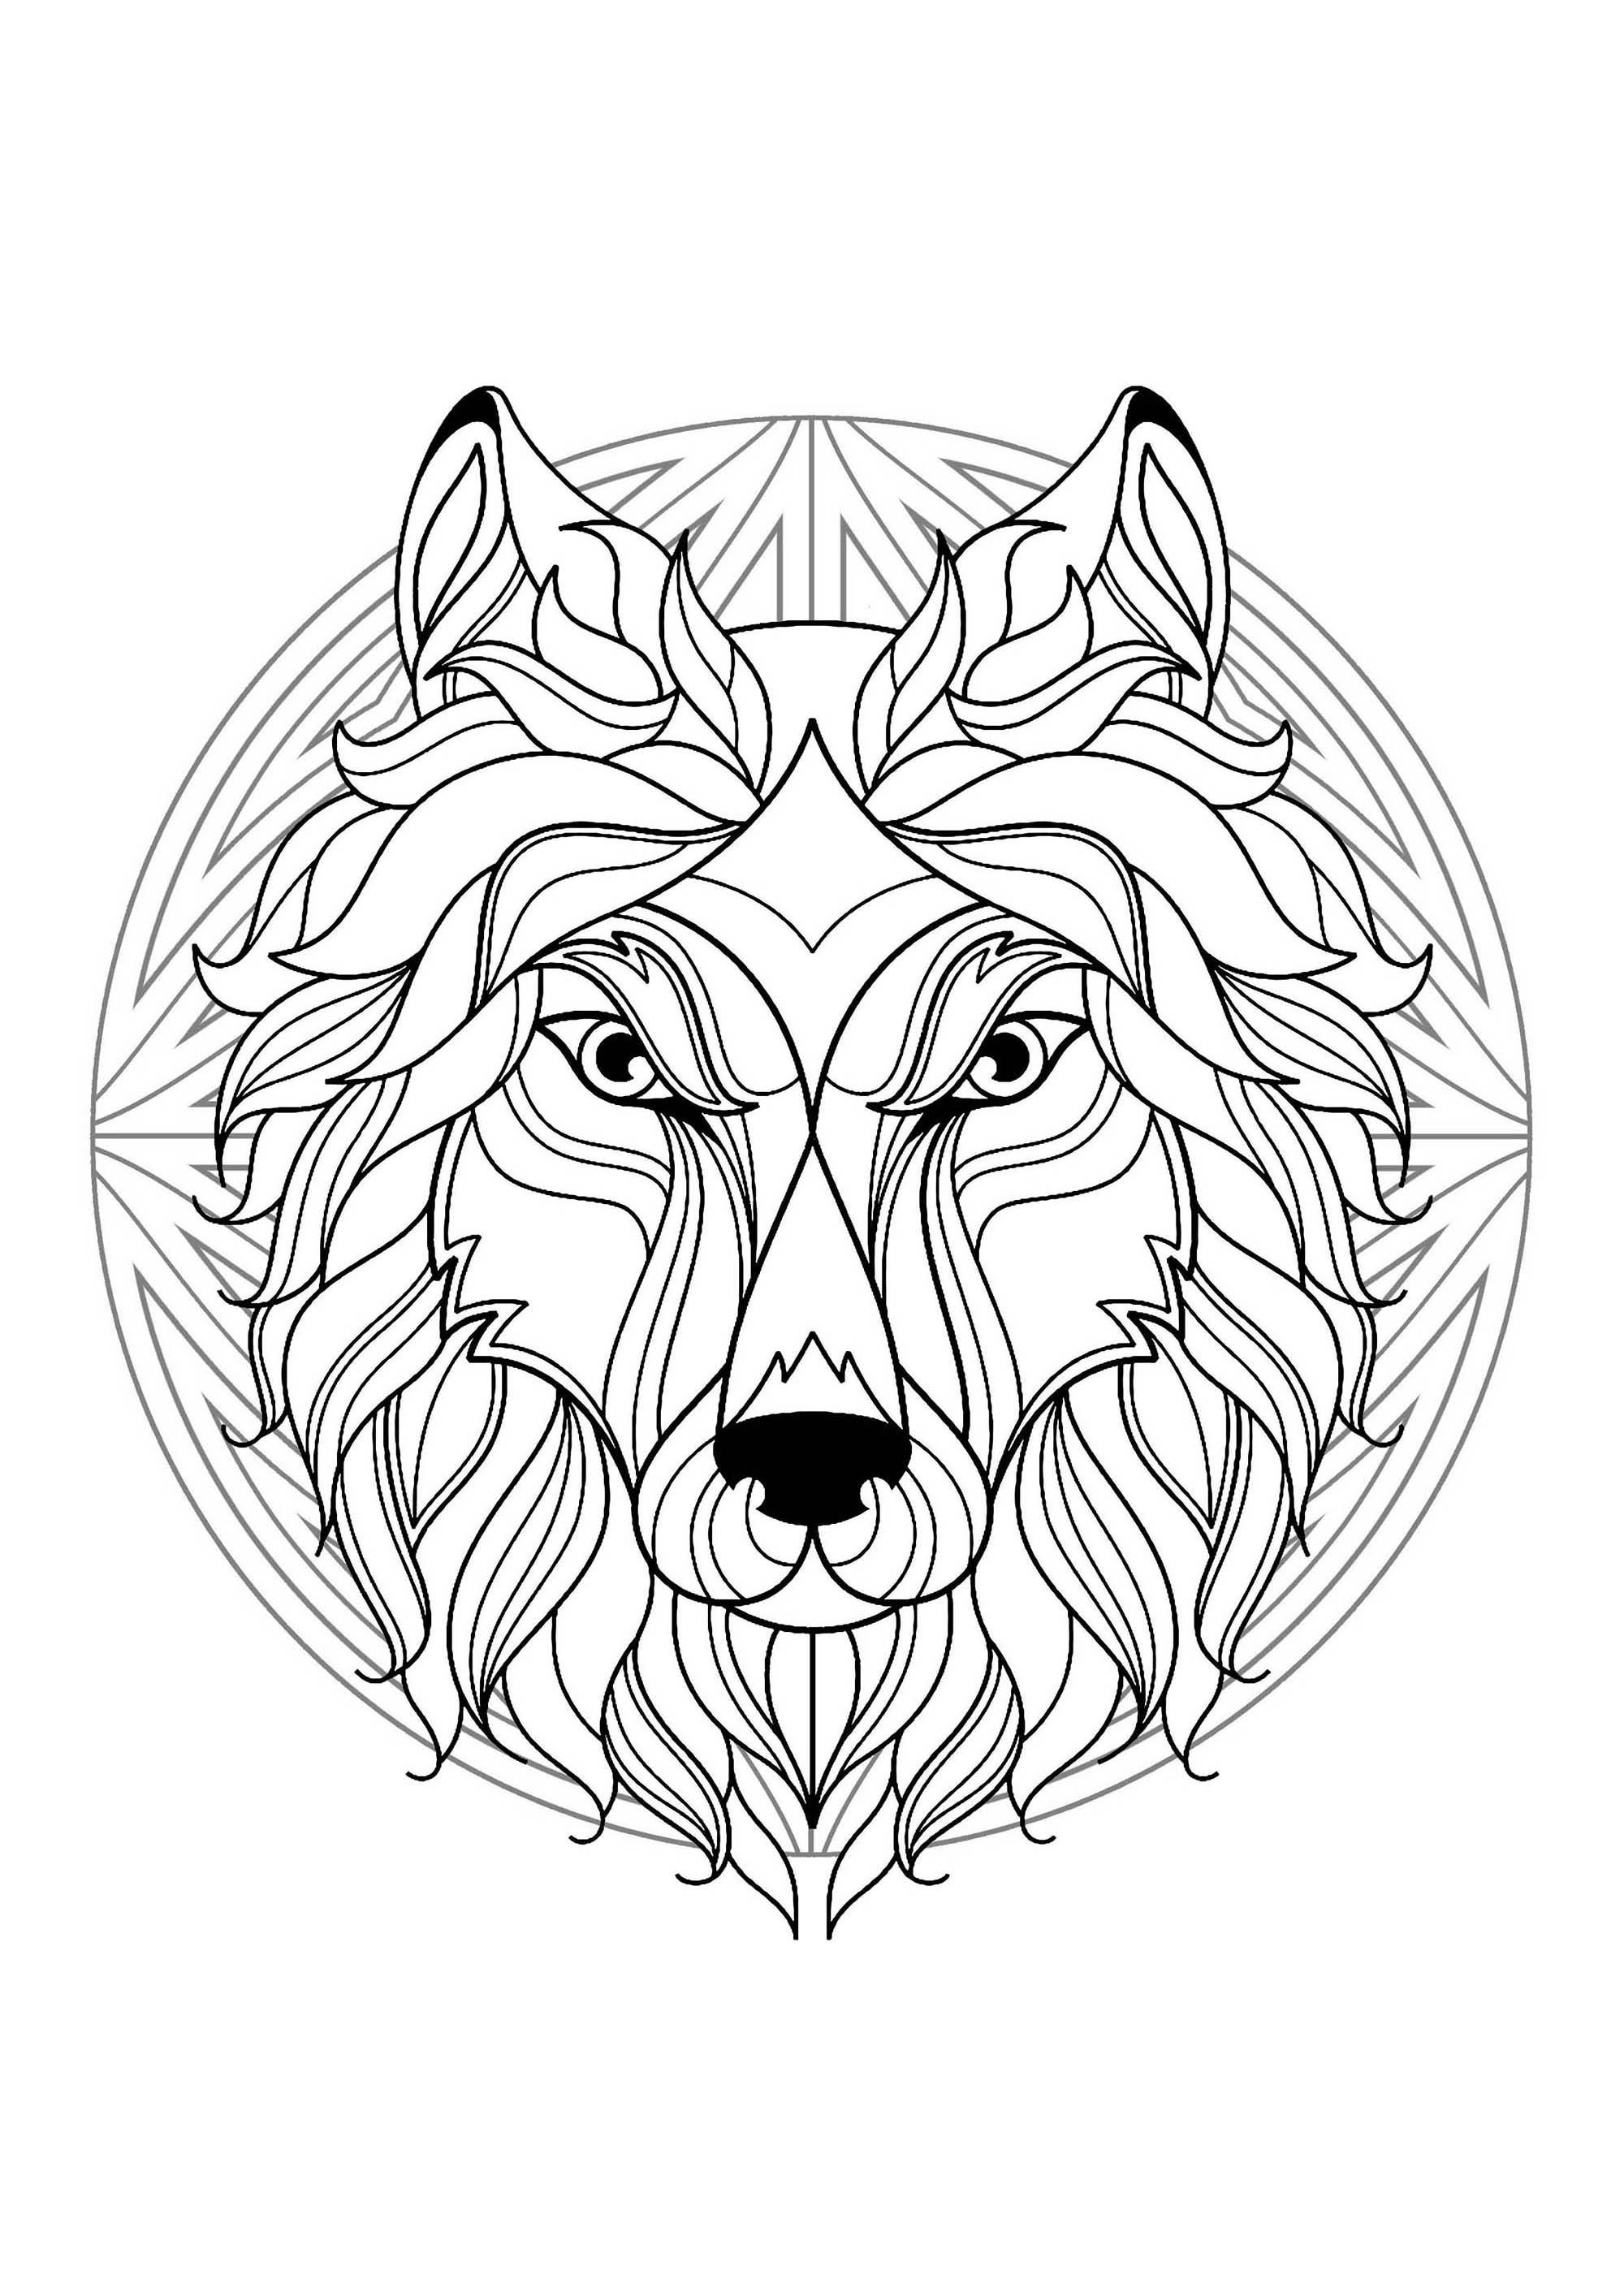 Mandala tete loup 1 mandalas coloriages difficiles - Imprimer des mandalas gratuit ...